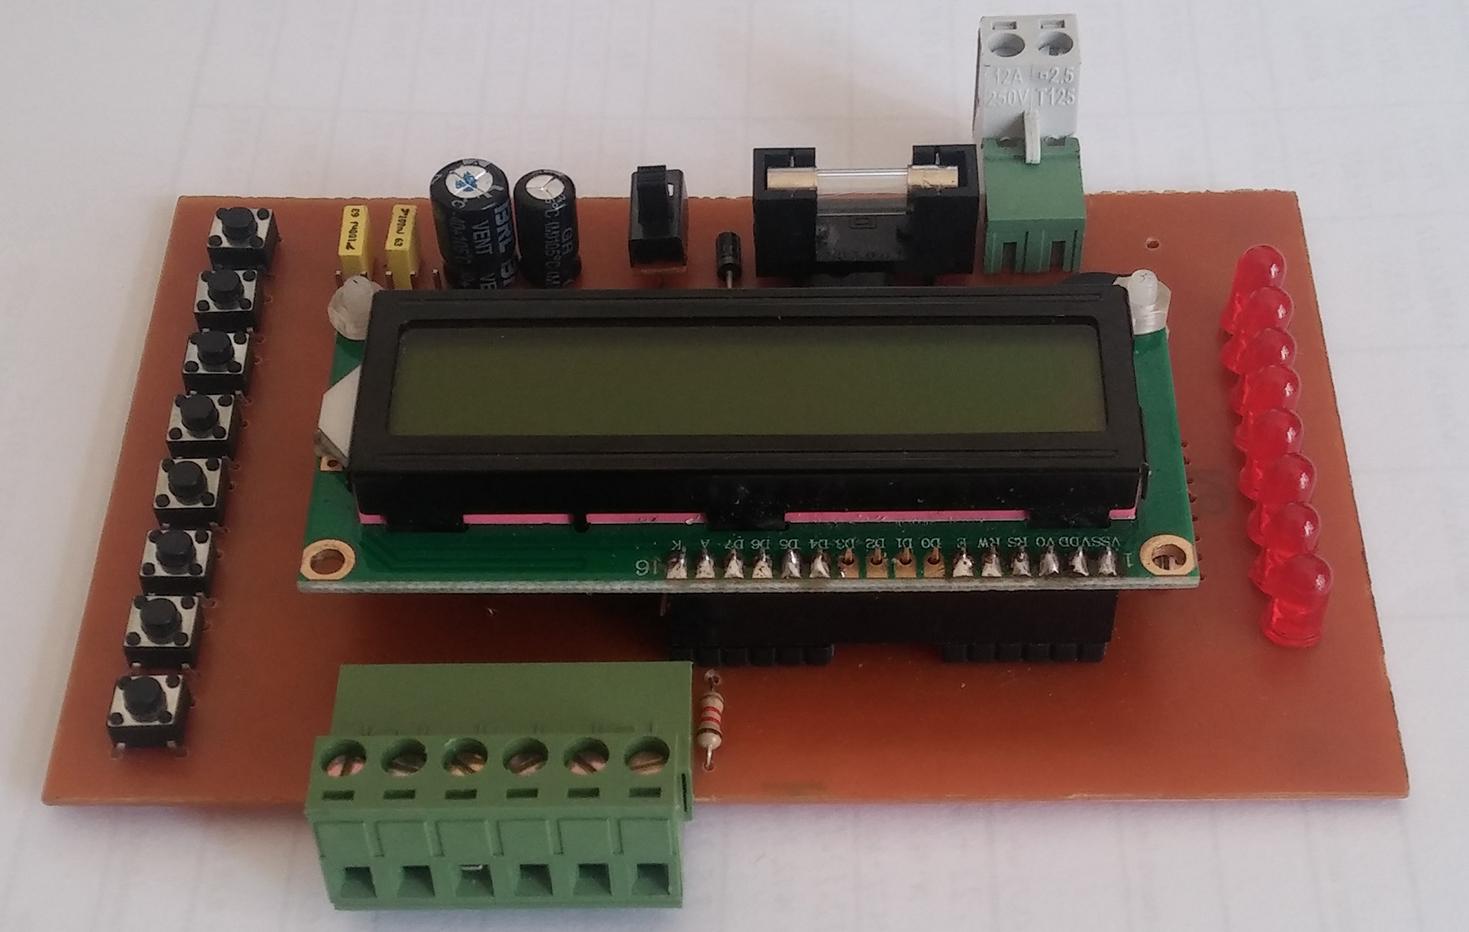 PIC16F877A Deneme ve Geliştirme Kartı